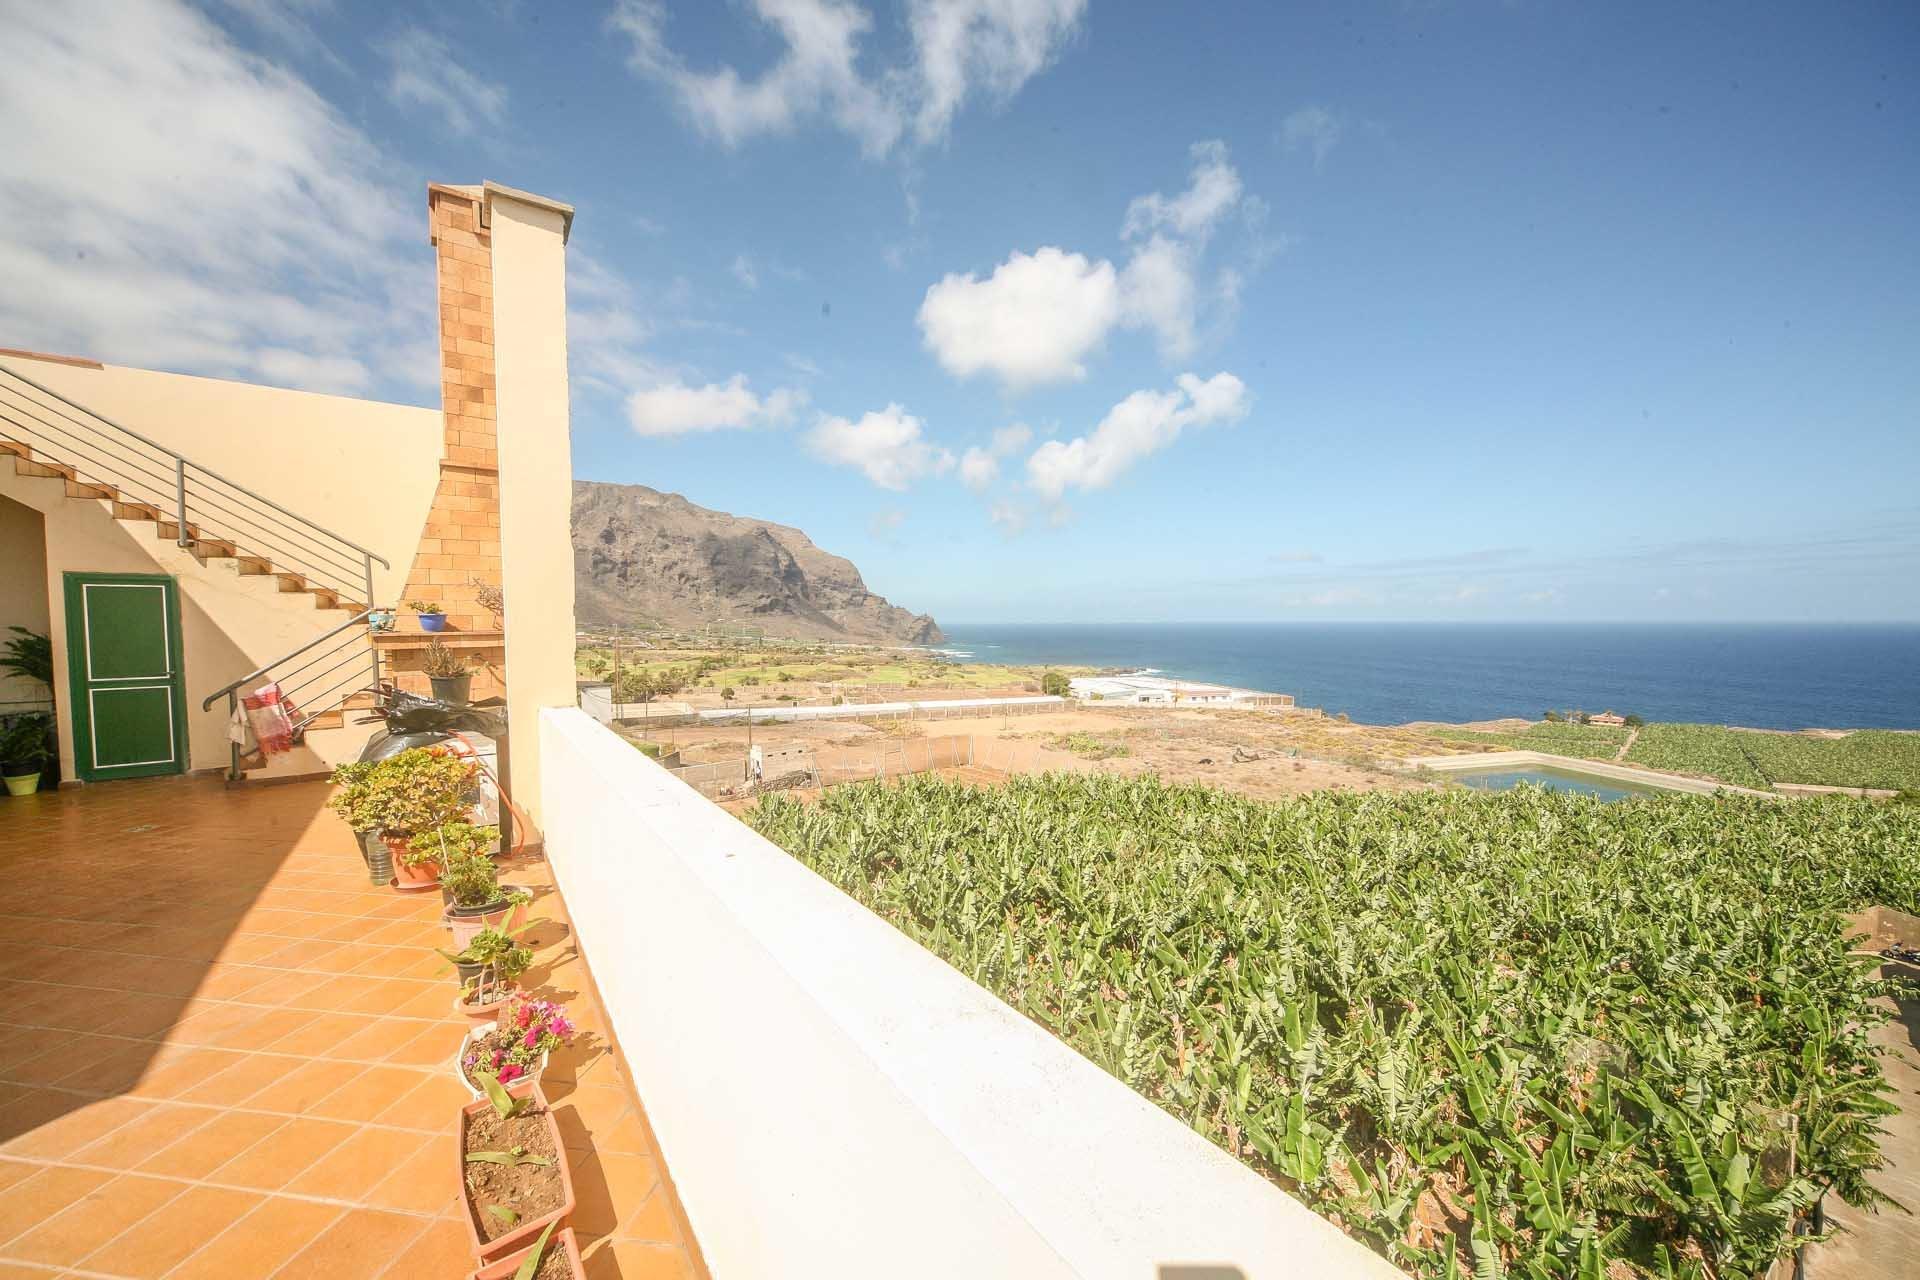 Канарские острова купить недвижимость